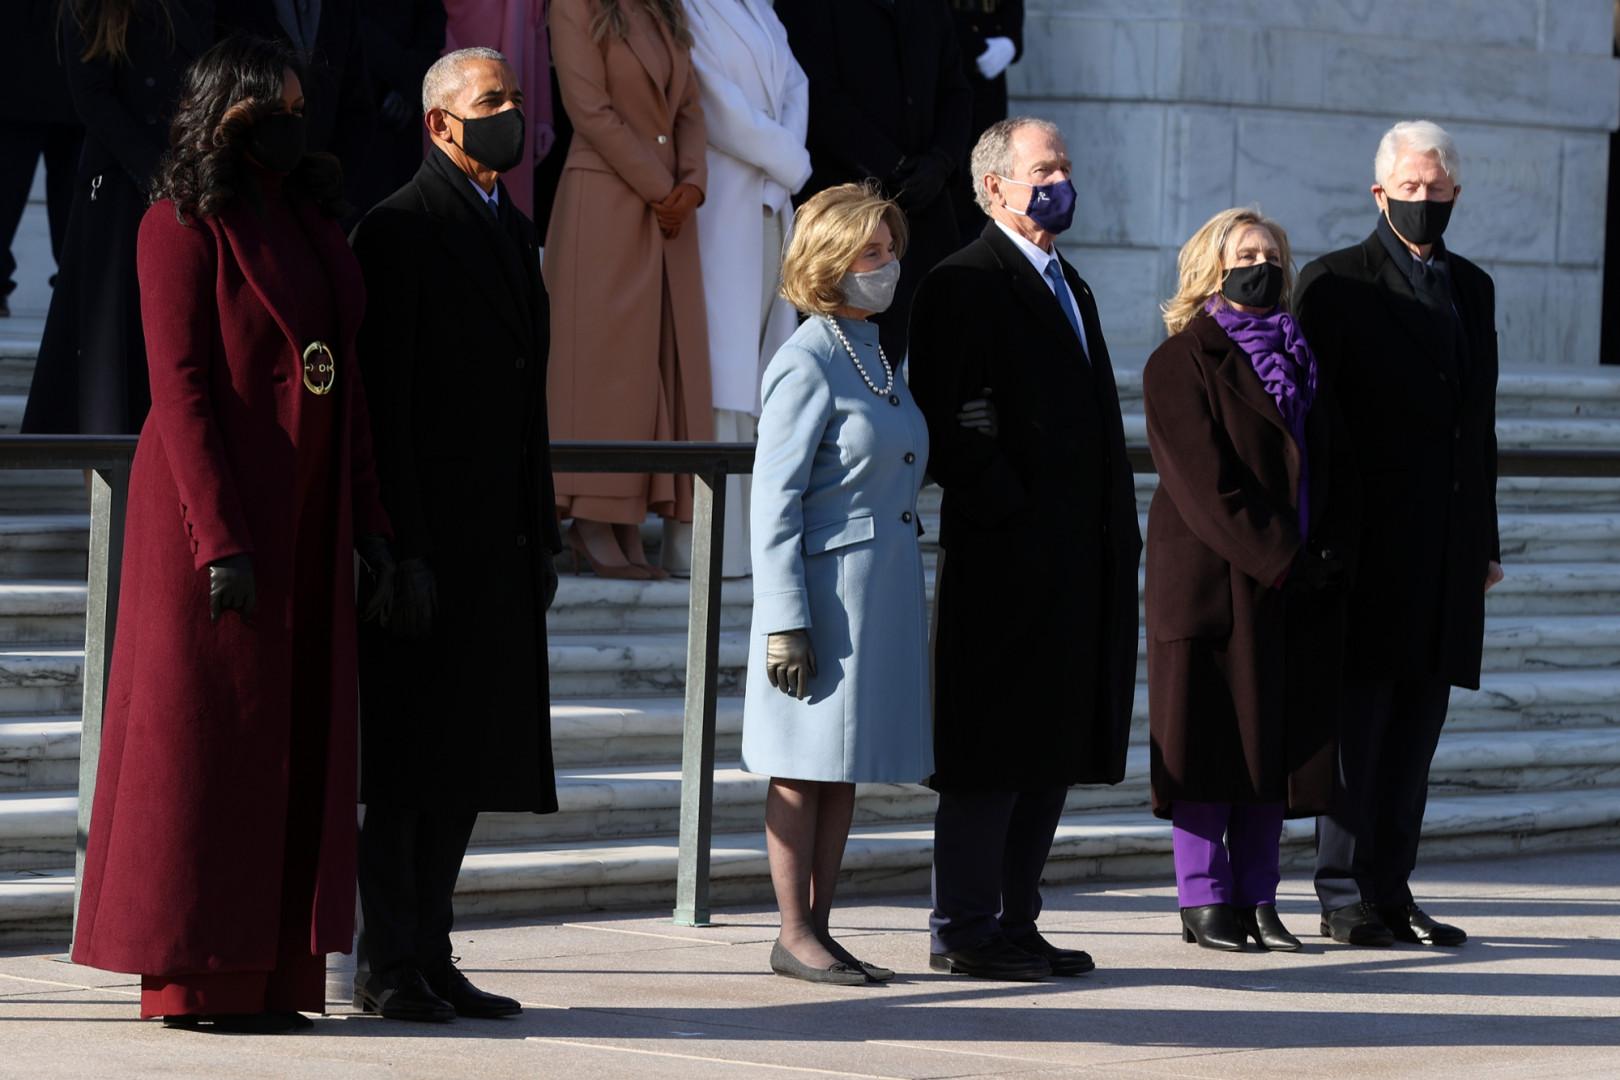 Voulant présenter un front d'unité, les anciens présidents Obama, Bush et Clinton, avec leurs épouses, ont rendu hommage au soldat inconnu au cimetière d'Arlington